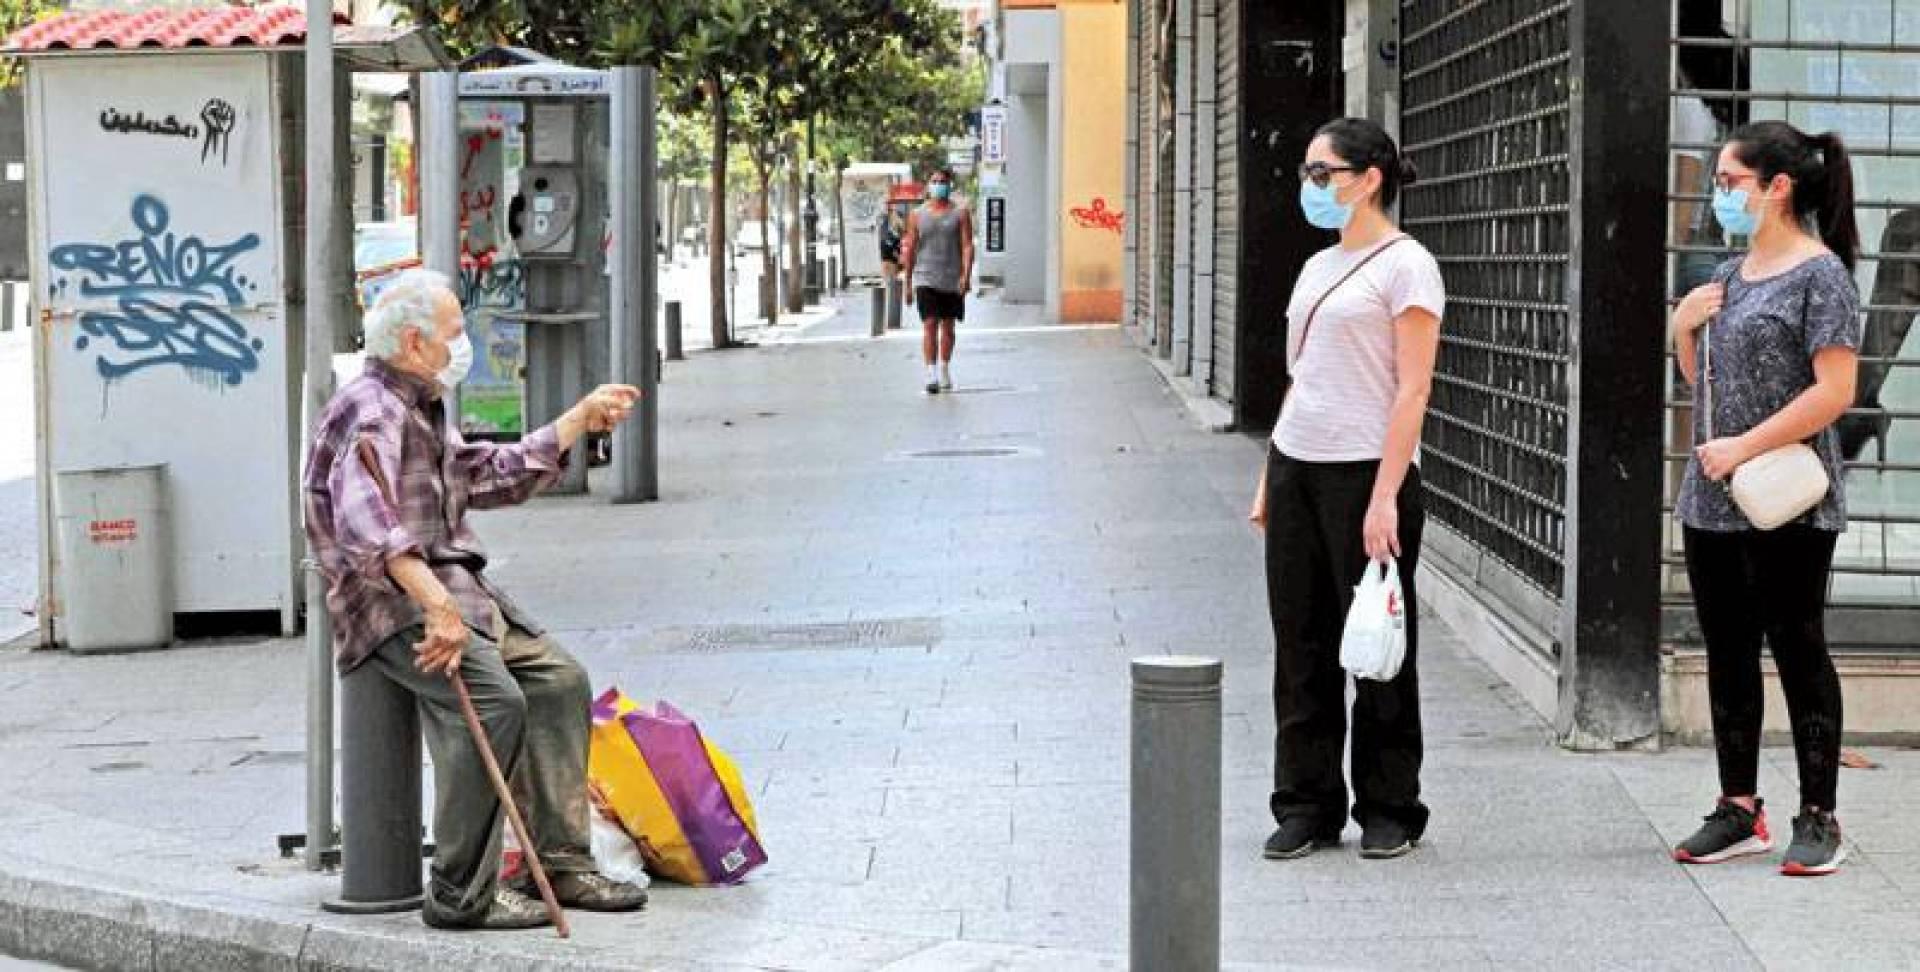 عجوز مرتدياً كماماً يلتمس صدقة في شارع الحمرا وسط بيروت (أ.ف.ب)